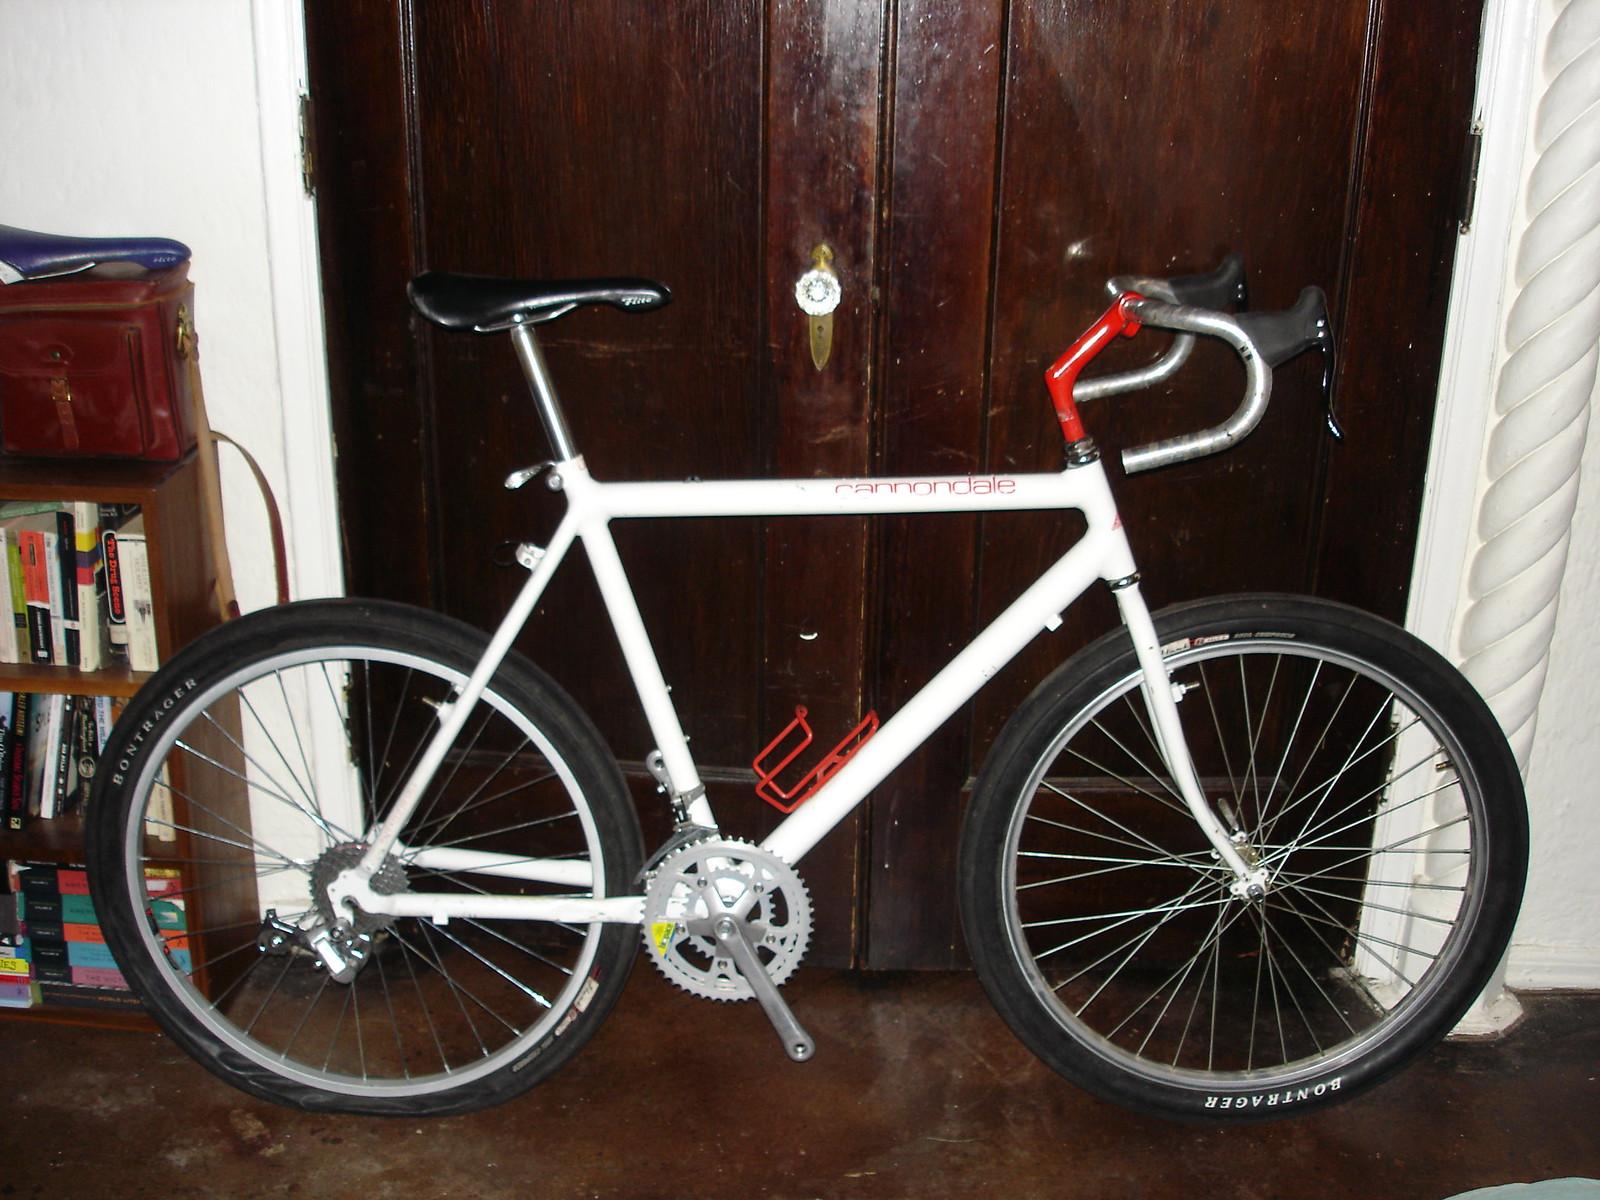 c3b04a29778 Show Your Vintage MTB Drop Bar Conversions - Page 102 - Bike Forums